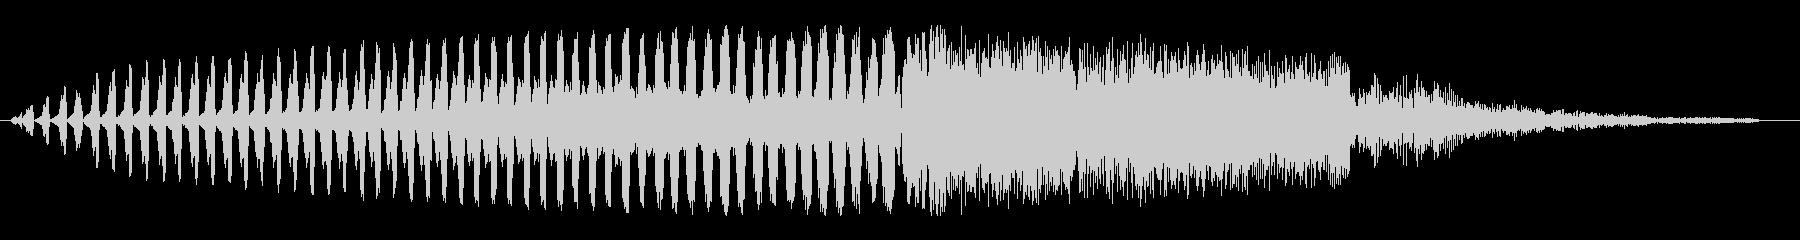 ヒュルルビヨーン(落下)の未再生の波形